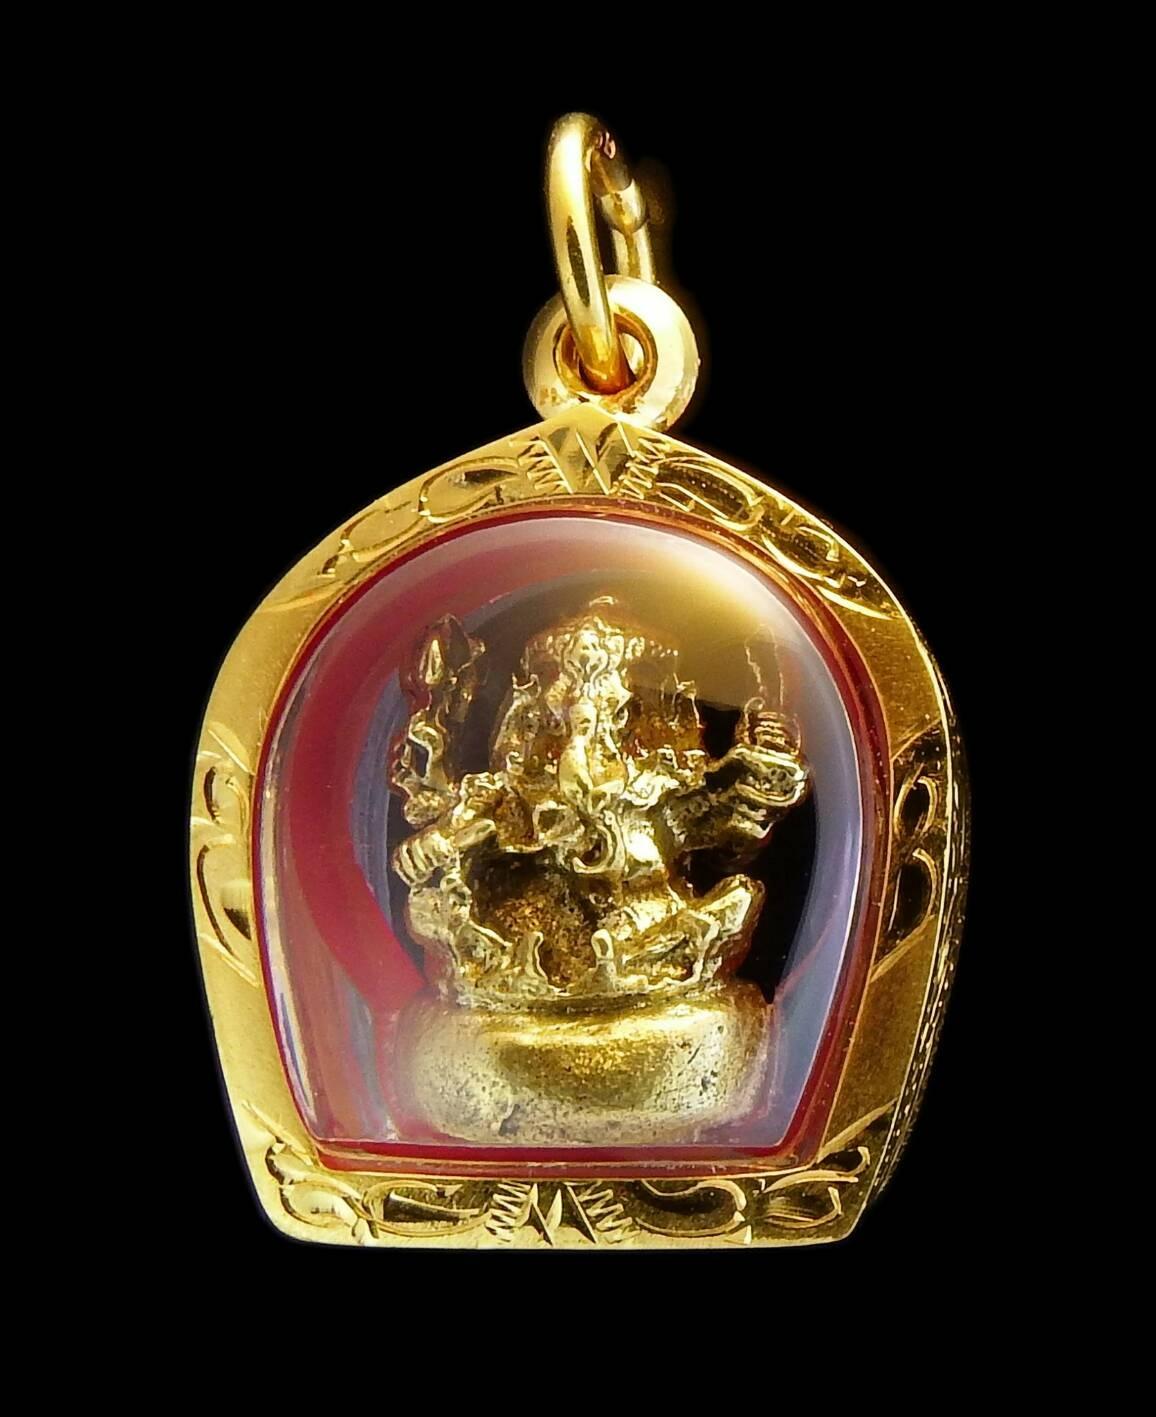 จี้พระพิฆเนศองค์ทองเลี่ยมกรอบทองแท้ 96.5% หนักรวม 6.22 กรัม